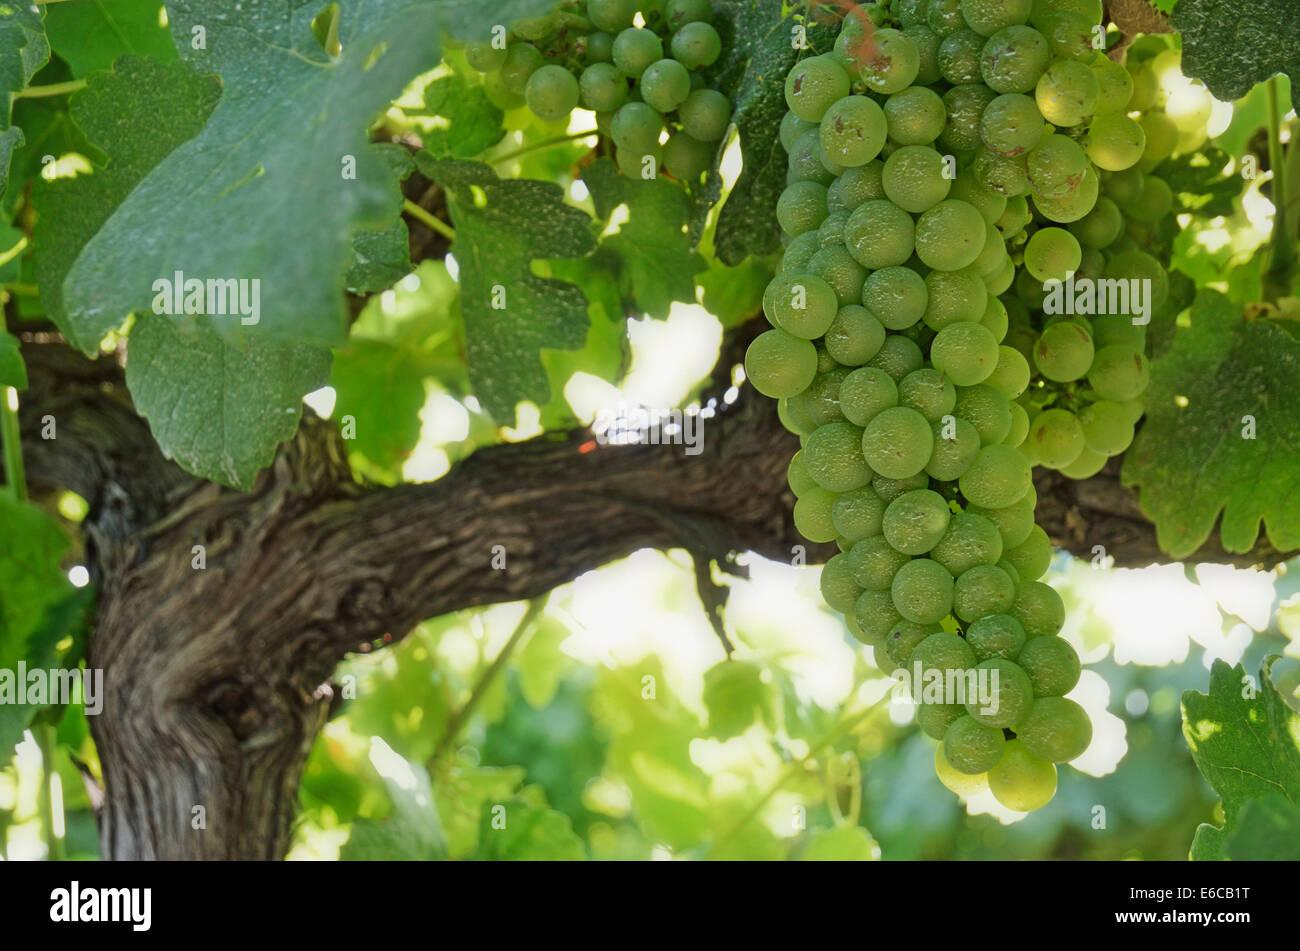 Verde uva sulla vite in un vigneto in estate, Provence, Francia Immagini Stock